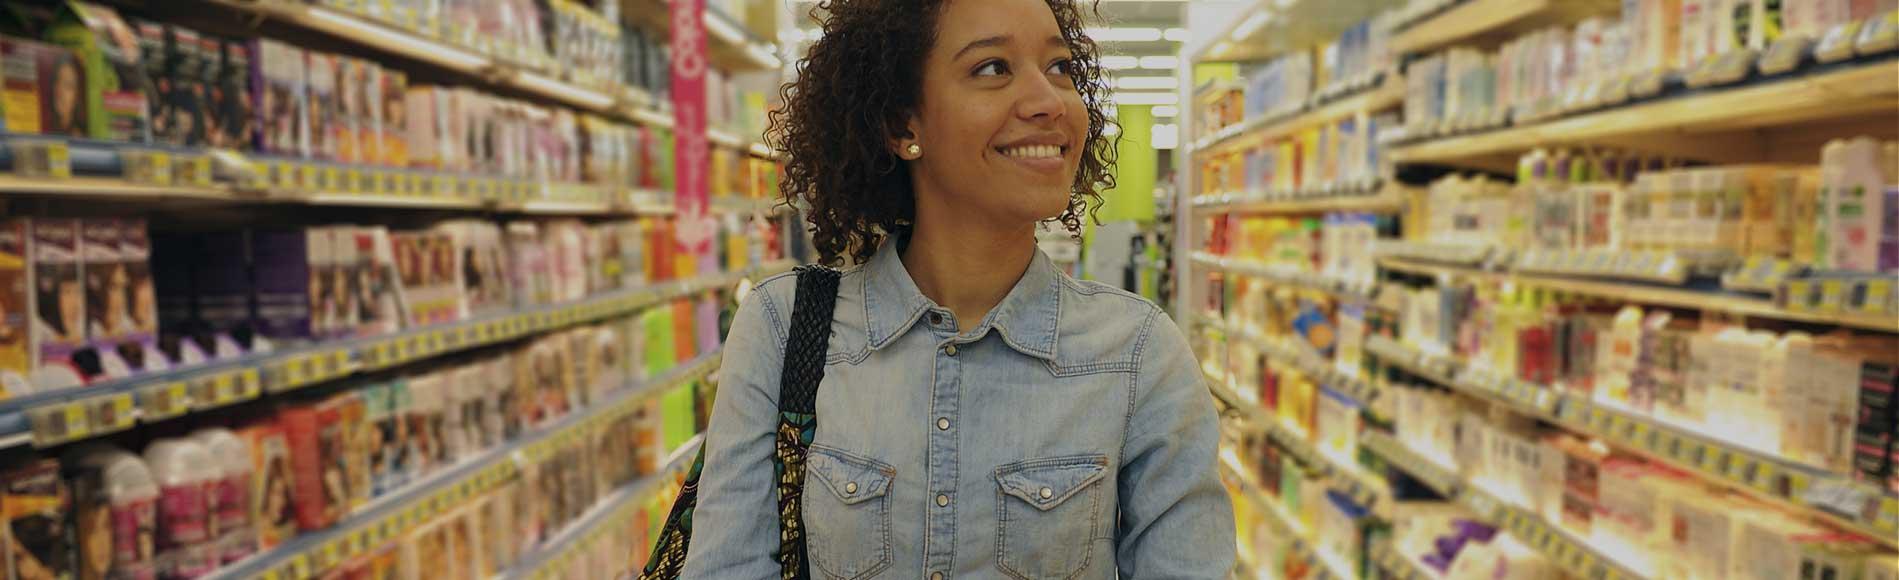 shopmium – économisez sur votre shopping – Dealabs